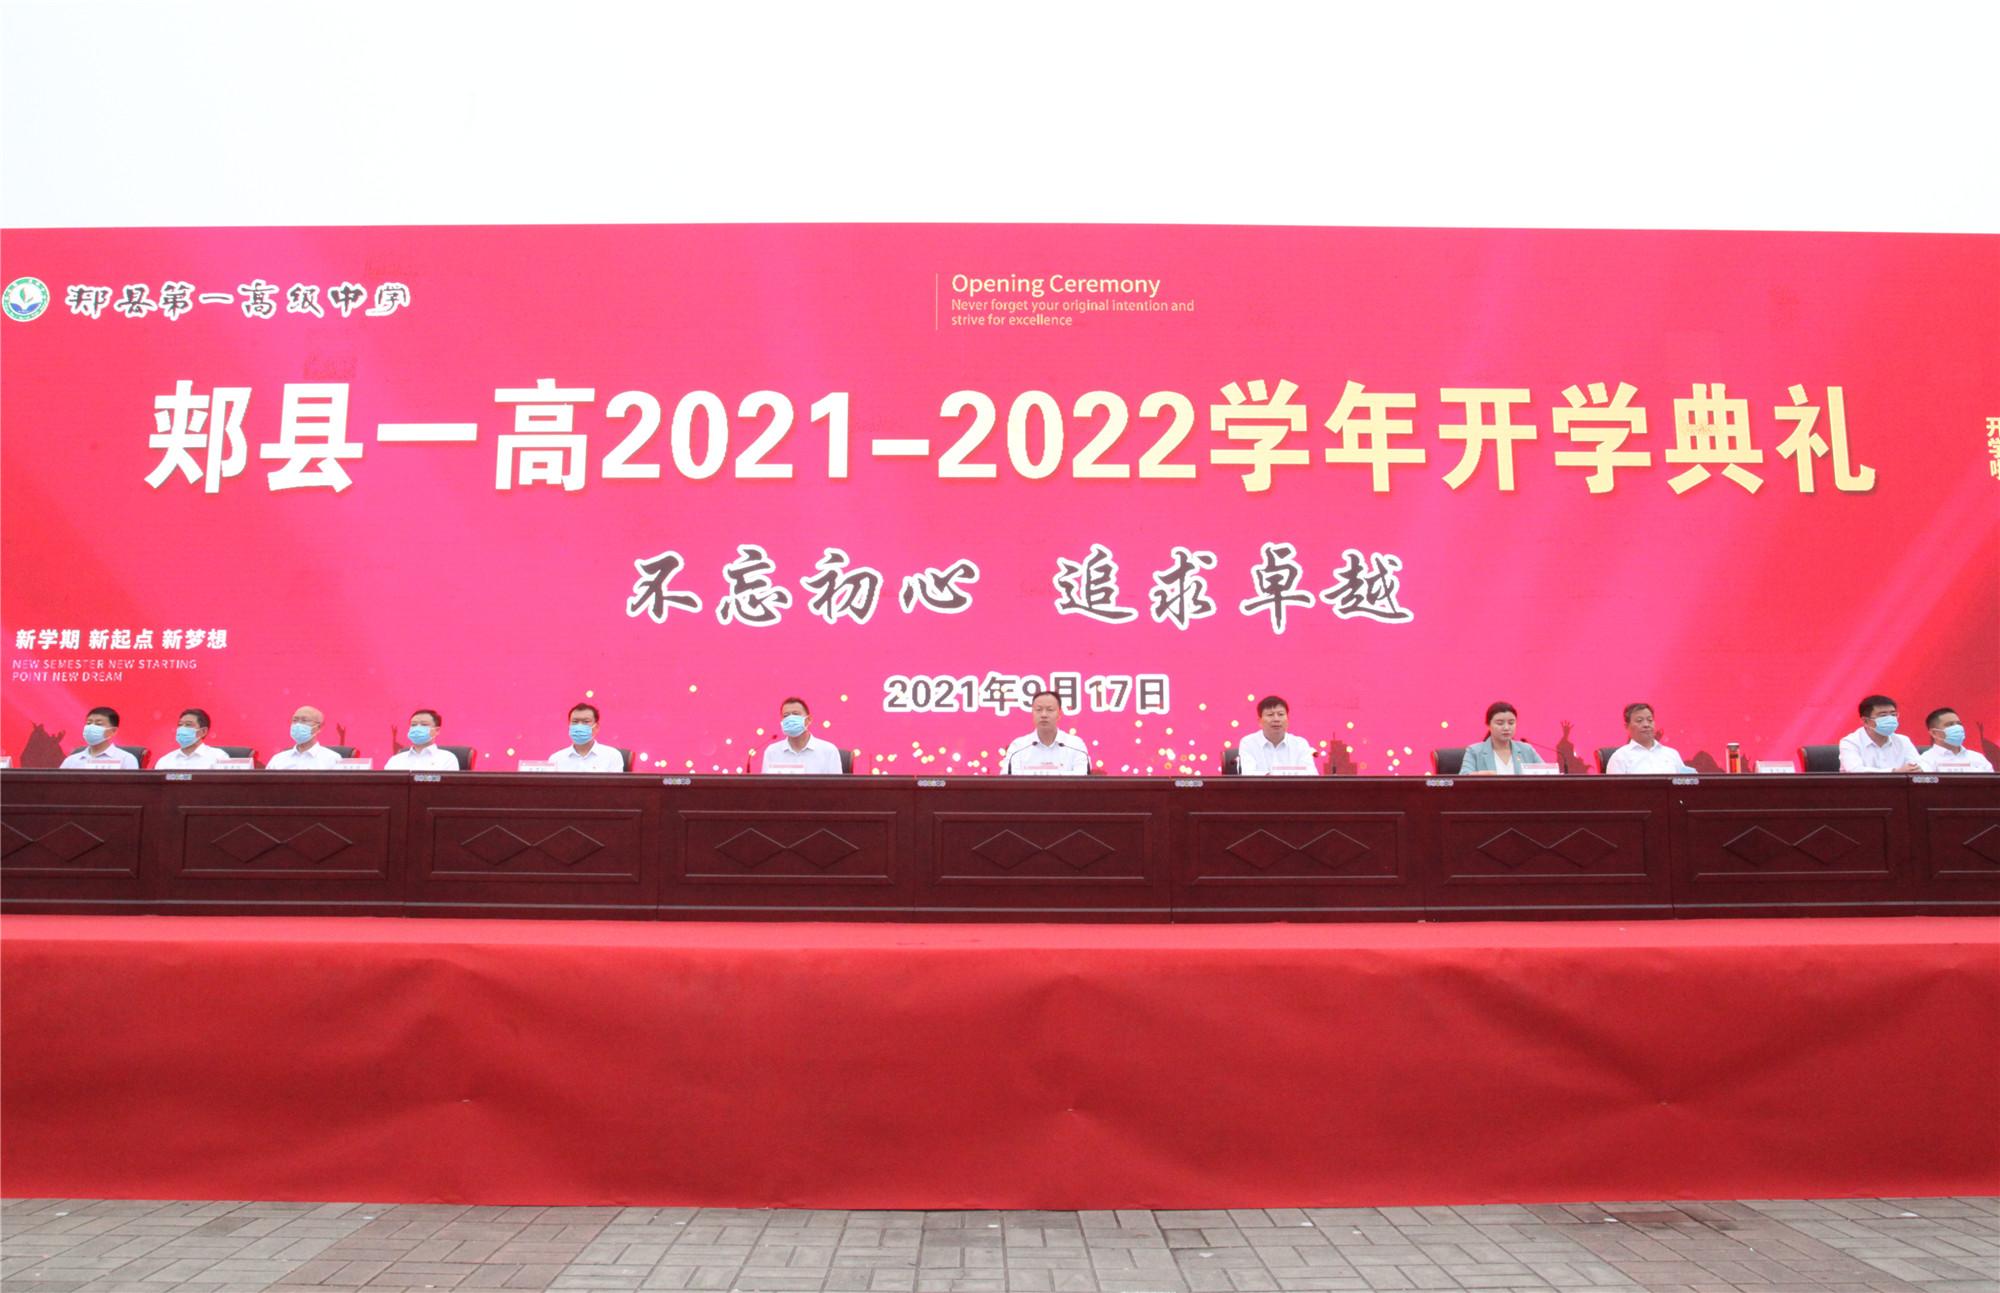 9月18日郏县一高2021-2022学年开学典礼举行.1_副本.jpg